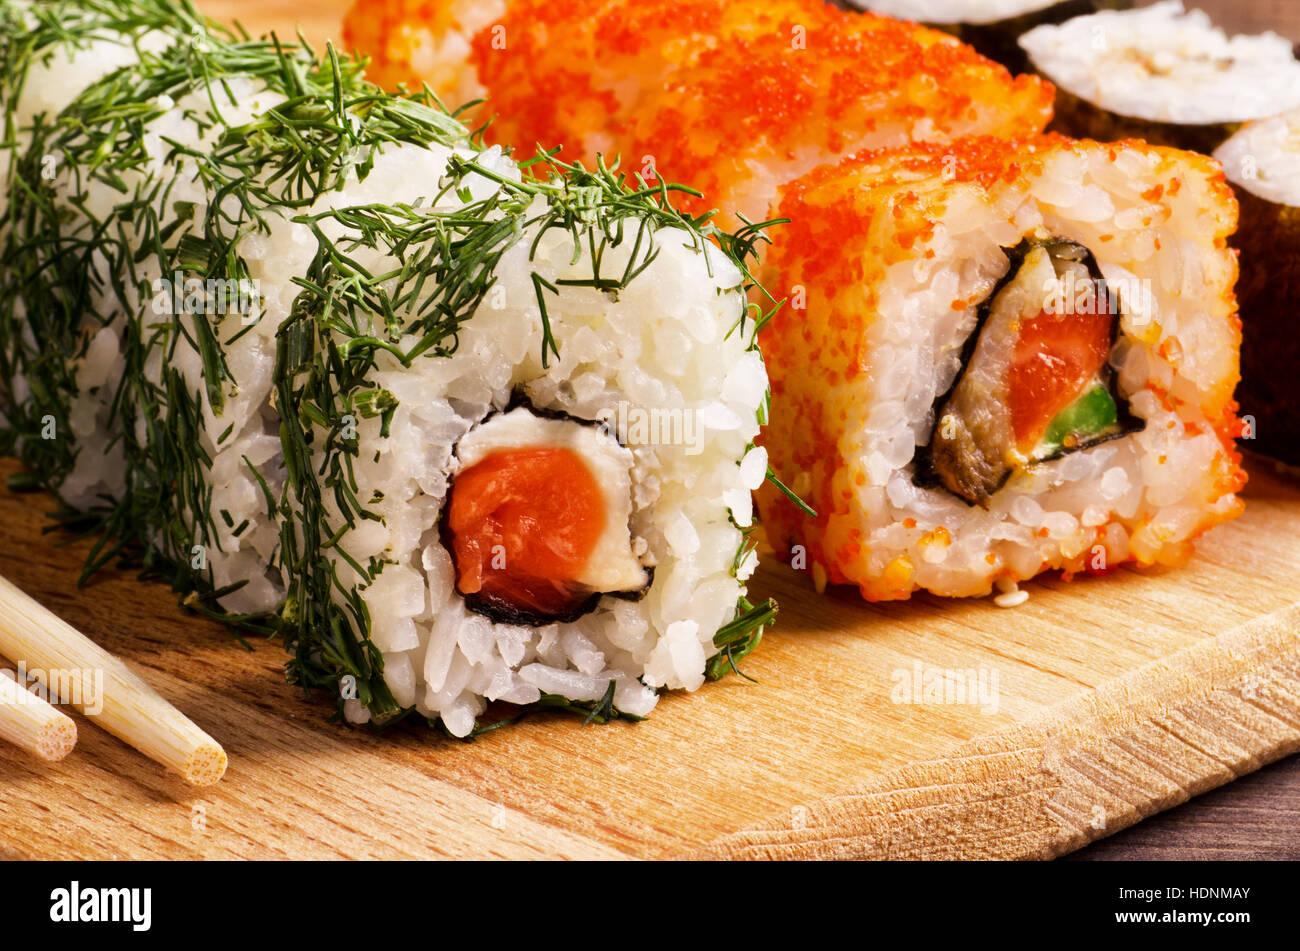 Japanisches Essen, Brötchen Lachs Sushi Set auf einem Küchentisch mit Stäbchen Stockbild